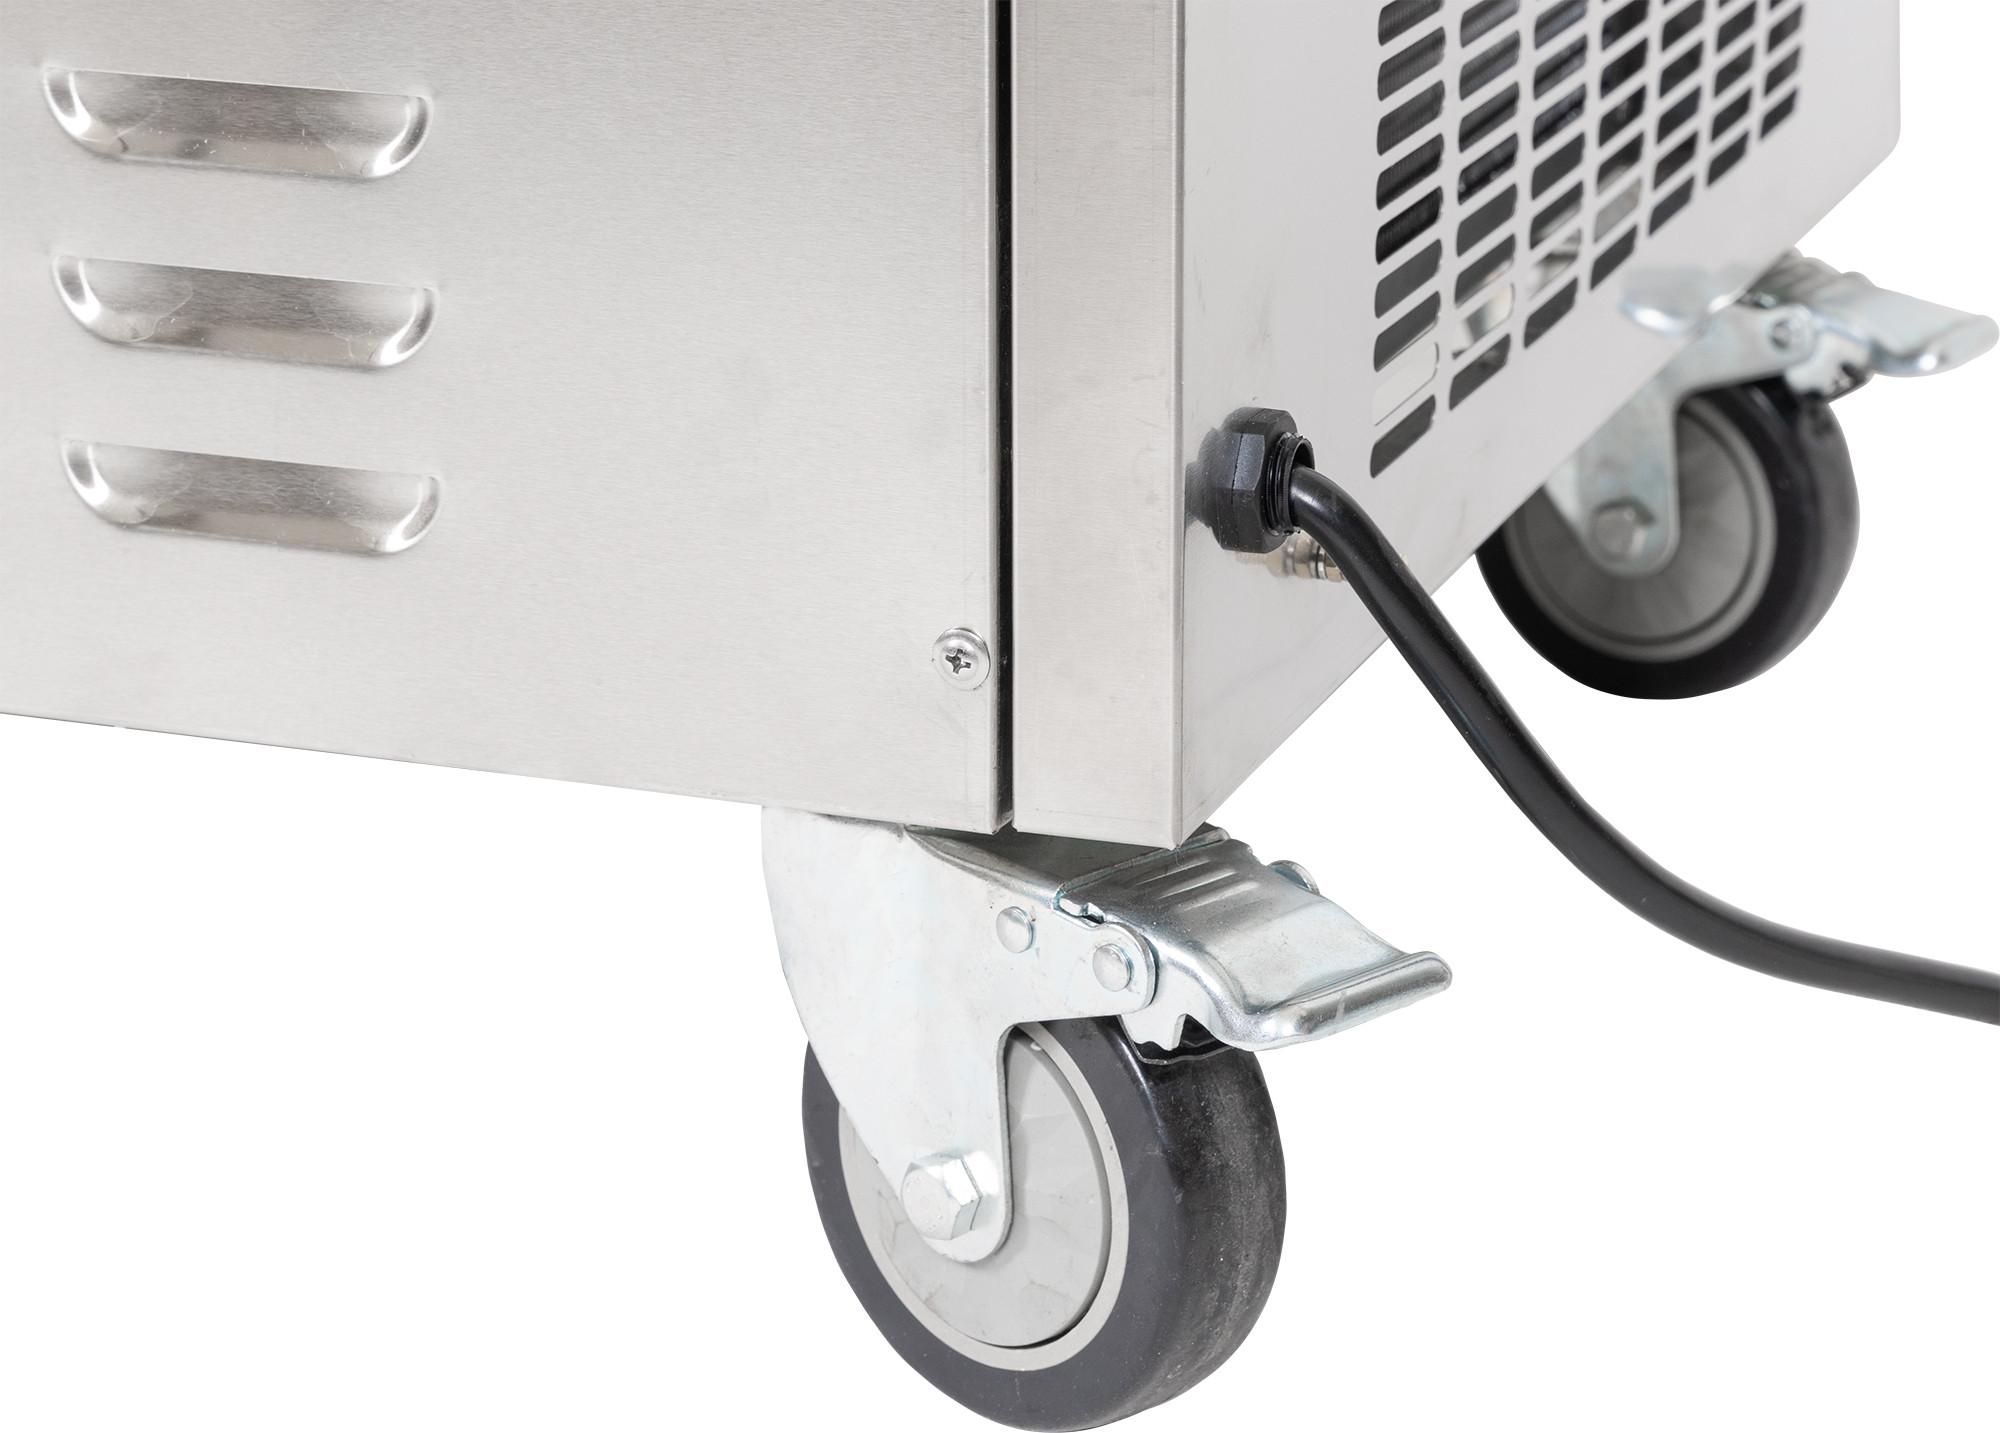 Maszyna do lodów tajskich Sonoro zbliżenie na kółka i kabel